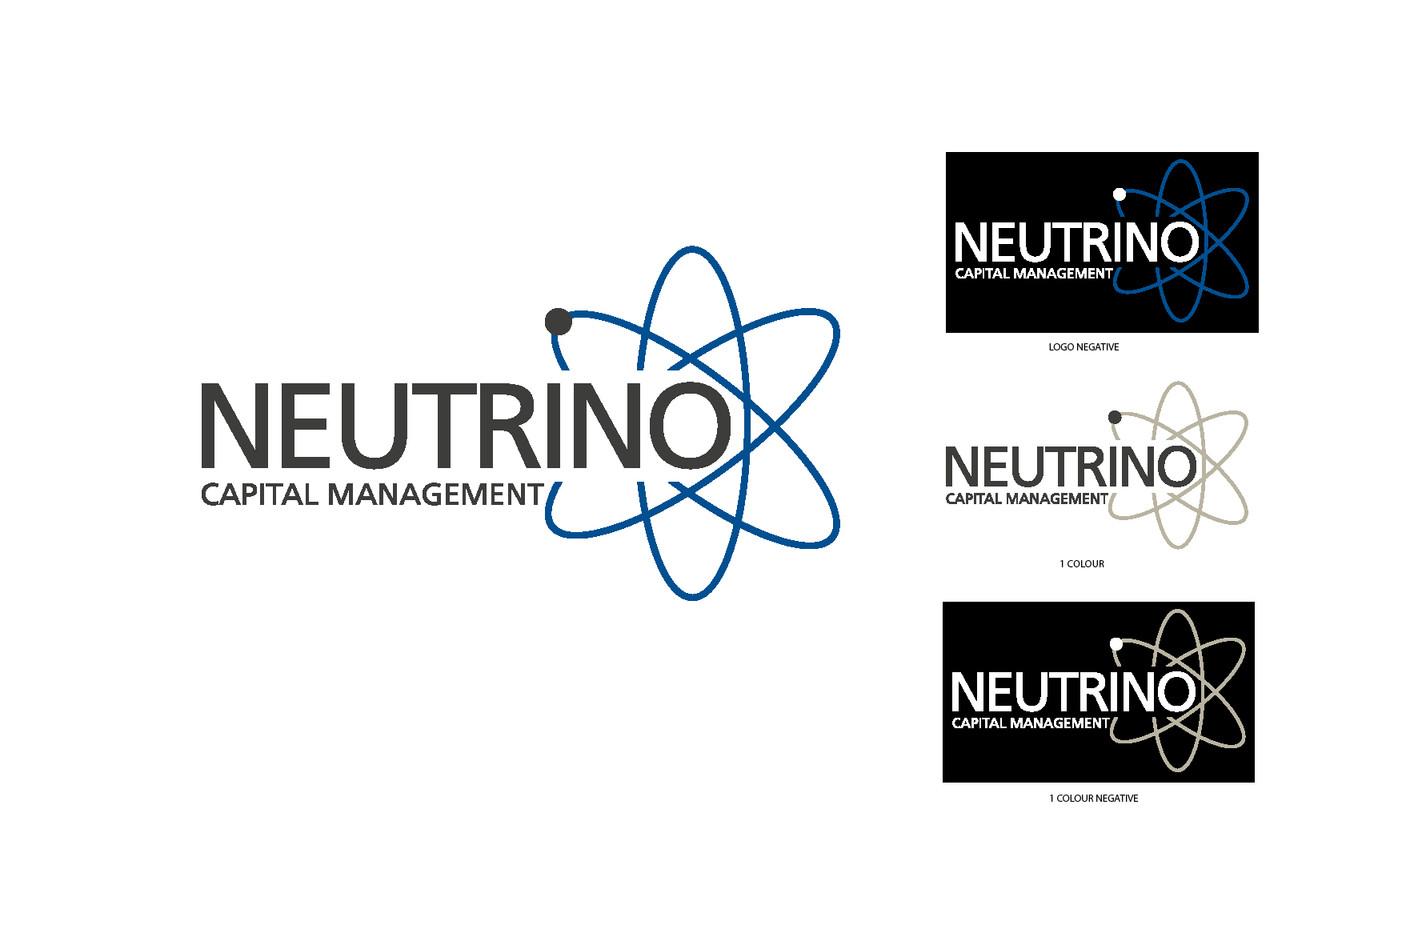 Logo design for Neutrino